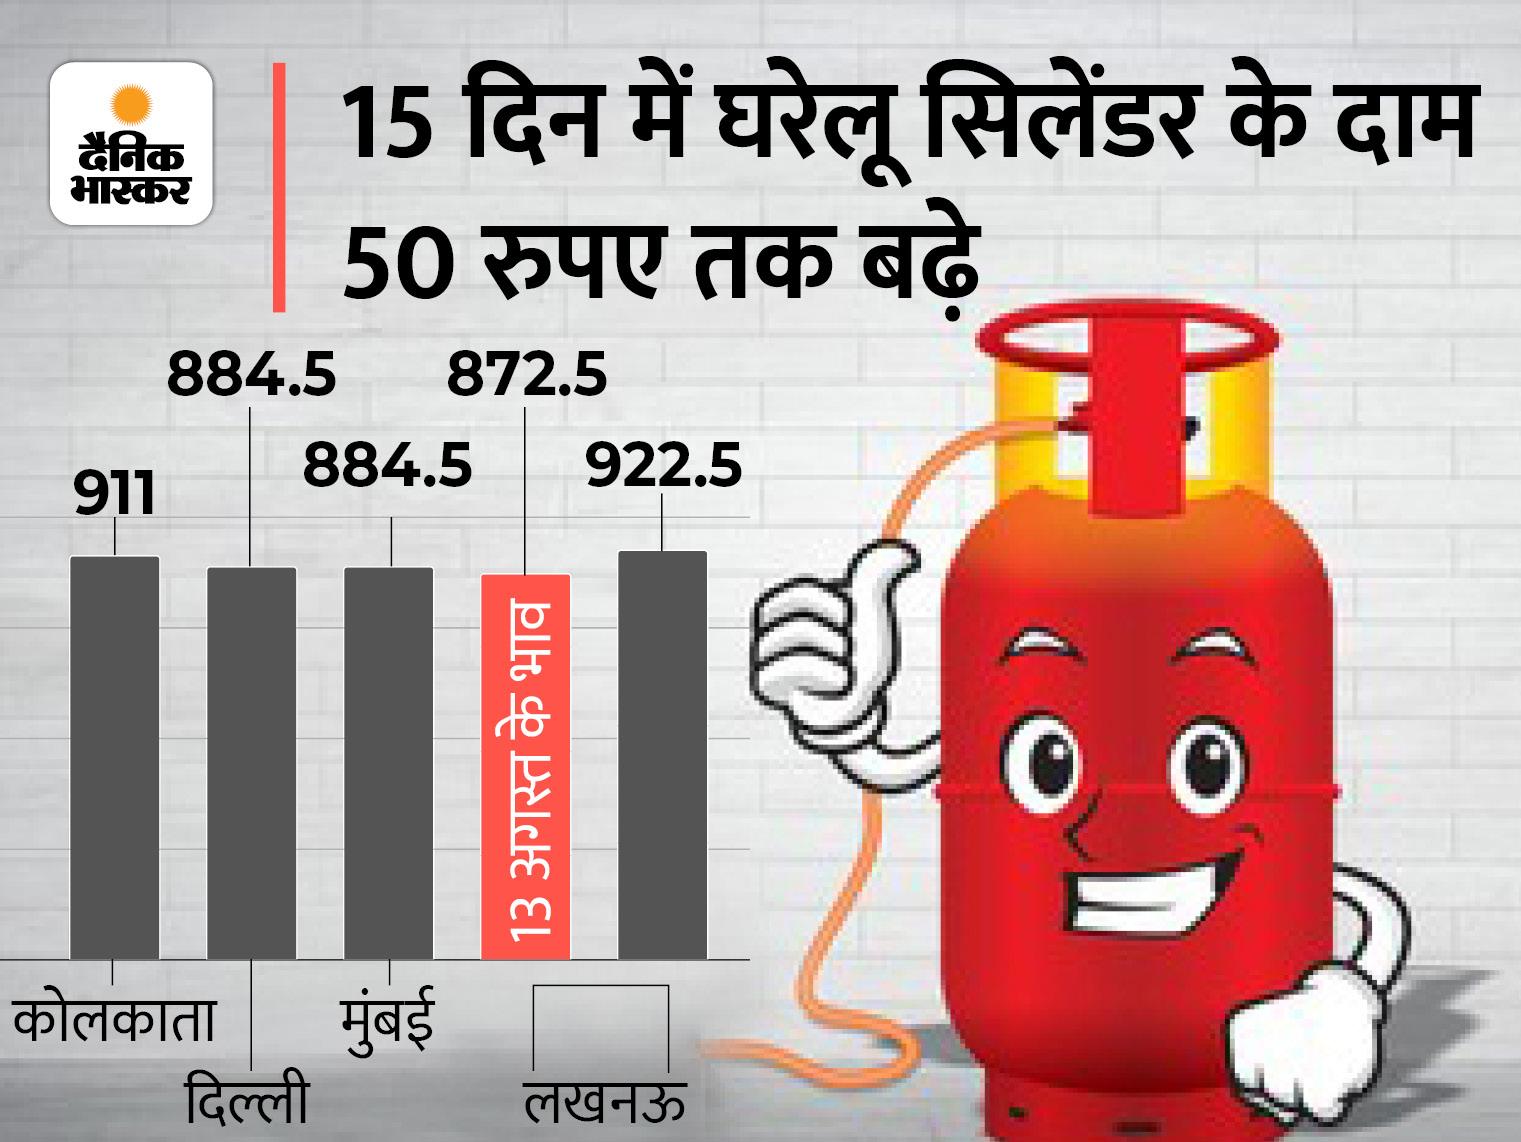 15 दिन में 50 रुपए बढ़े दाम, लखनऊ में 14.2 KG वाला सिलेंडर अब 922.50 रुपए में मिलेगा; कमर्शियल में भी 75 रुपए का इजाफा|लखनऊ,Lucknow - Dainik Bhaskar